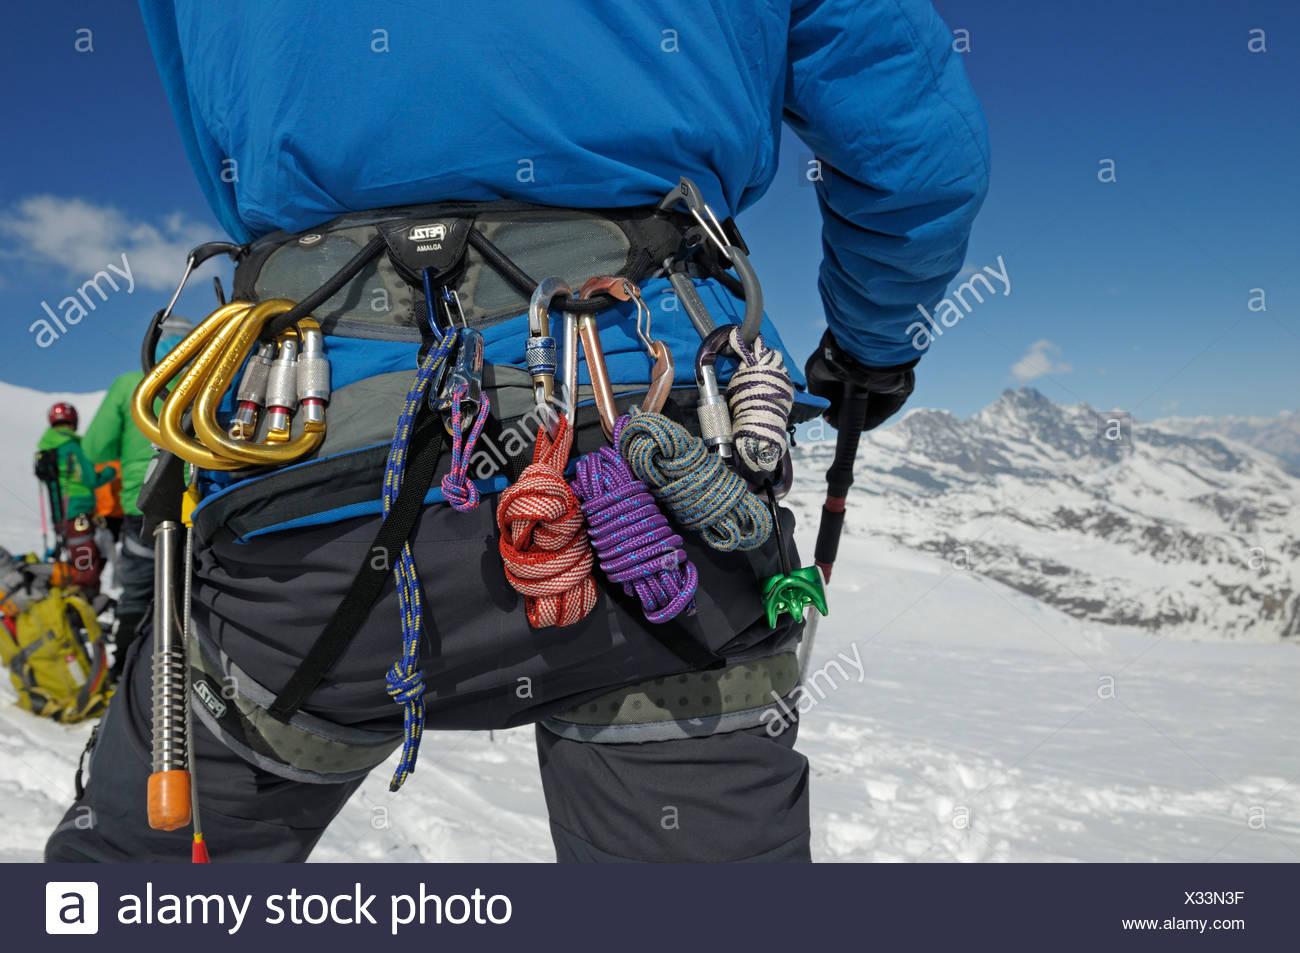 Kletterausrüstung Berlin : Gletscher die kletterausrüstung an einem gürtel zermatt wallis